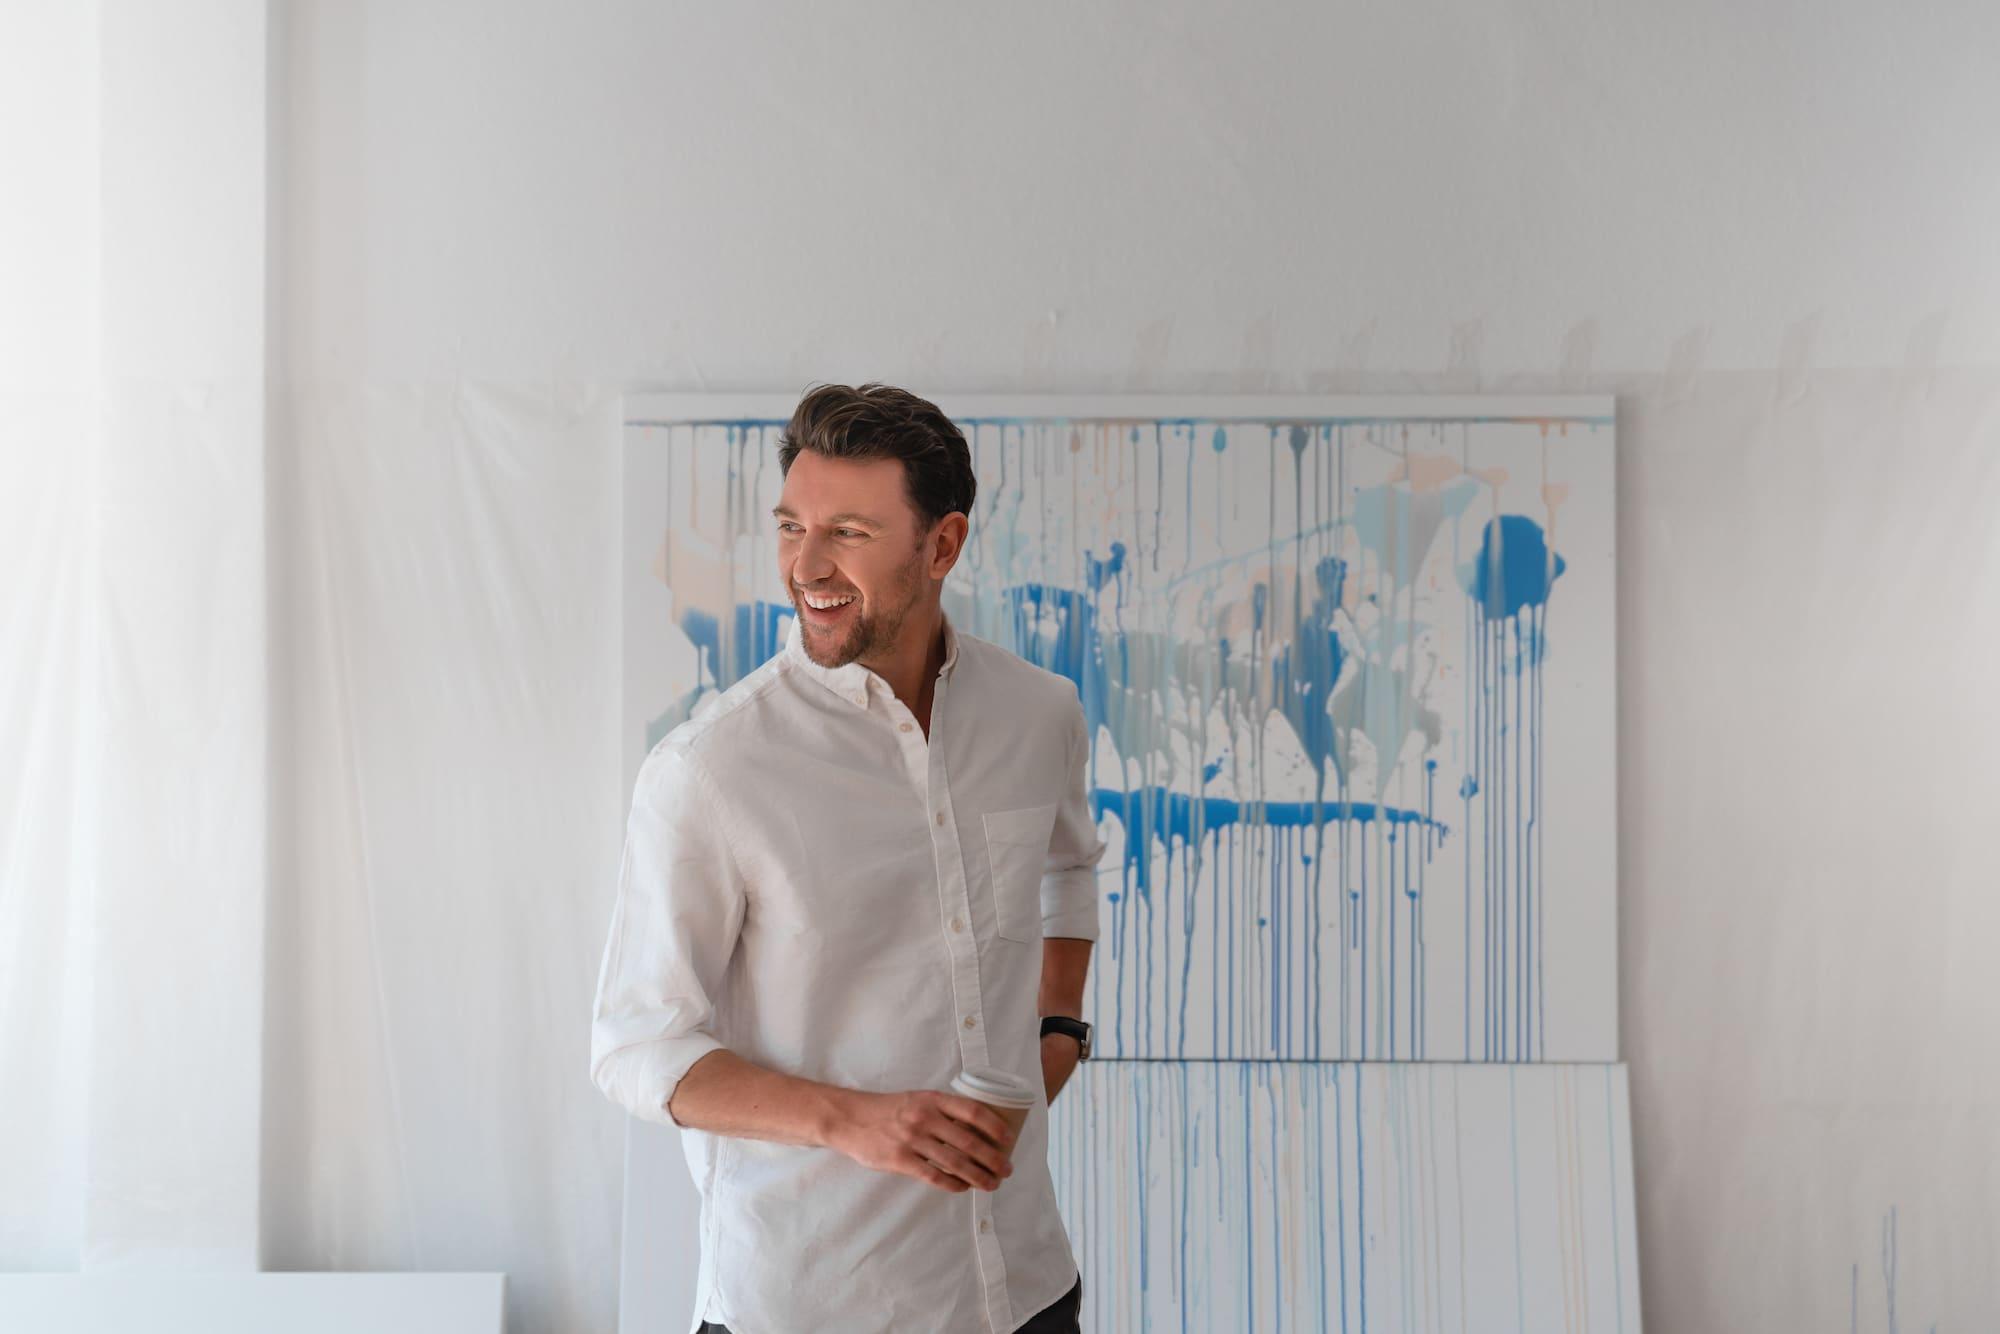 Inspiring Clash mit Paul Schrader: Vom erfolgreichen Juristen zum gefragten Künstler 10